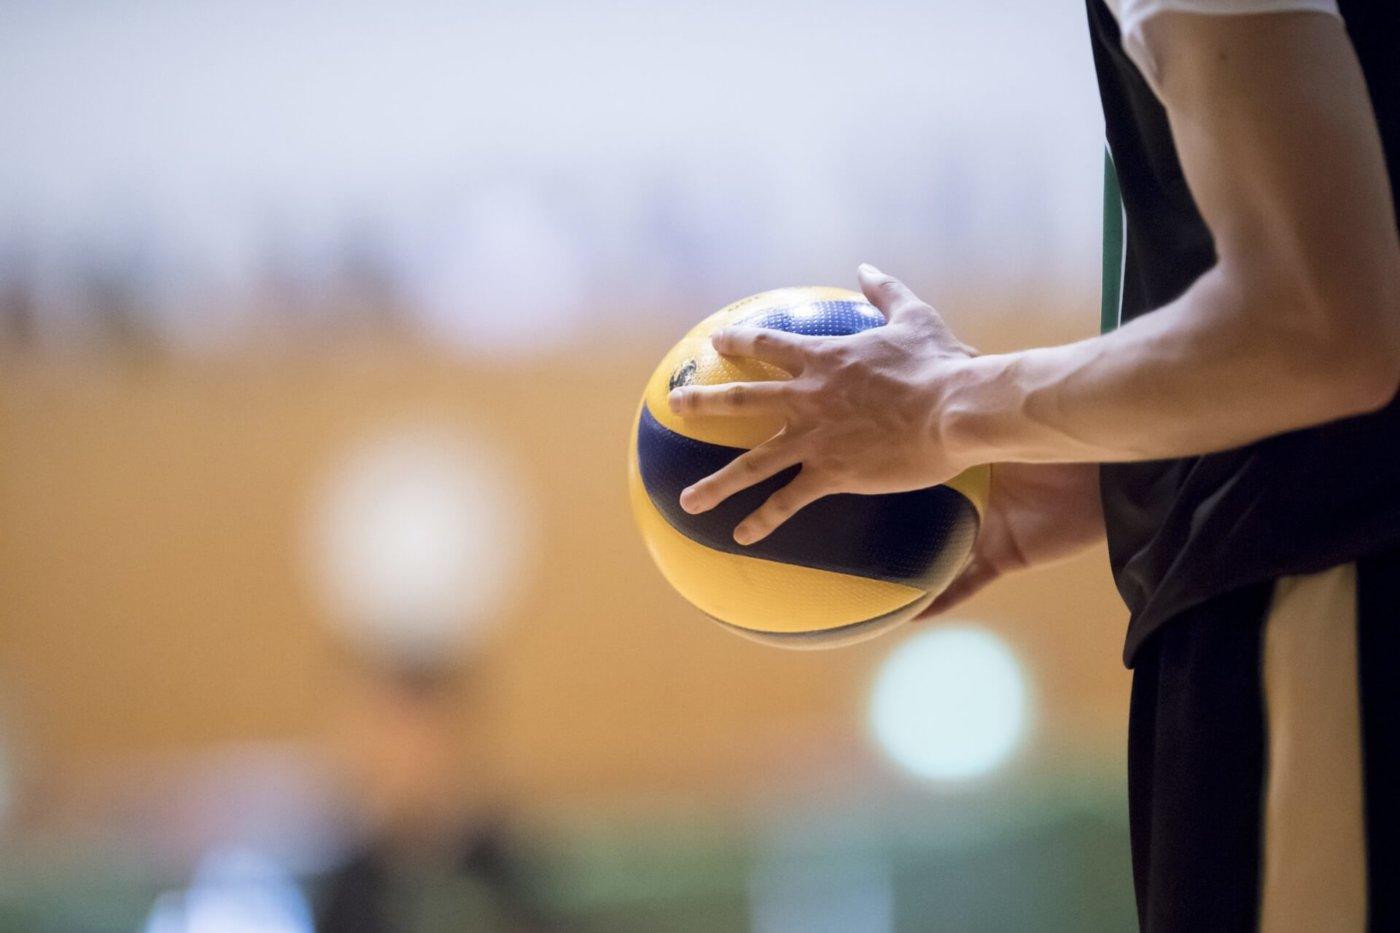 バレーボール用語は英語ばかり!代表的な用語集とルーツを紹介